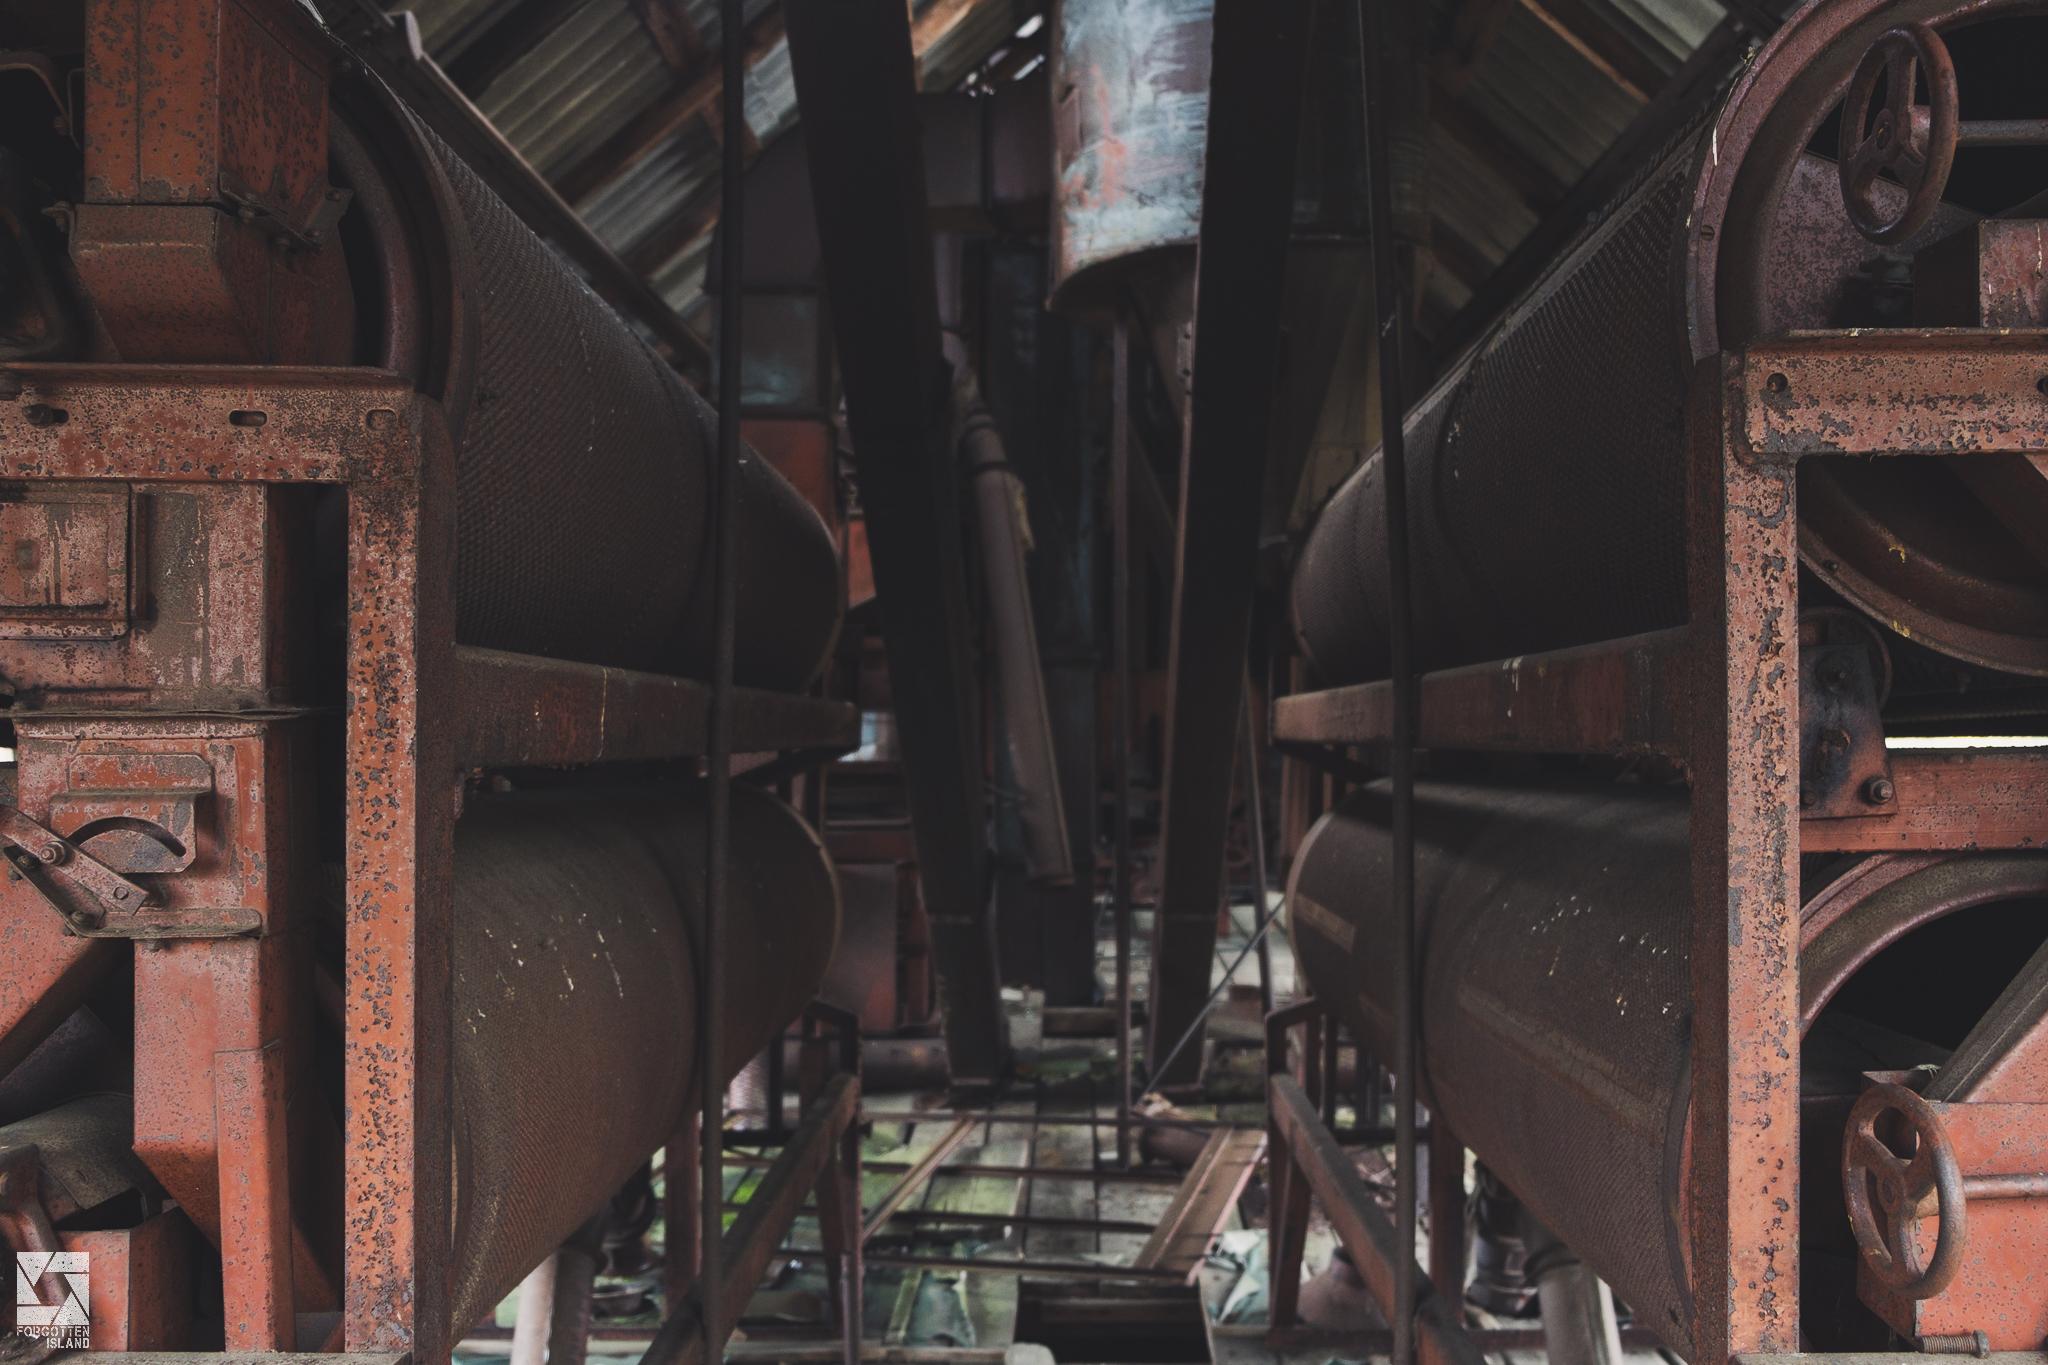 Chernobyl-Zymovyshche-Grain-Elevator-17.